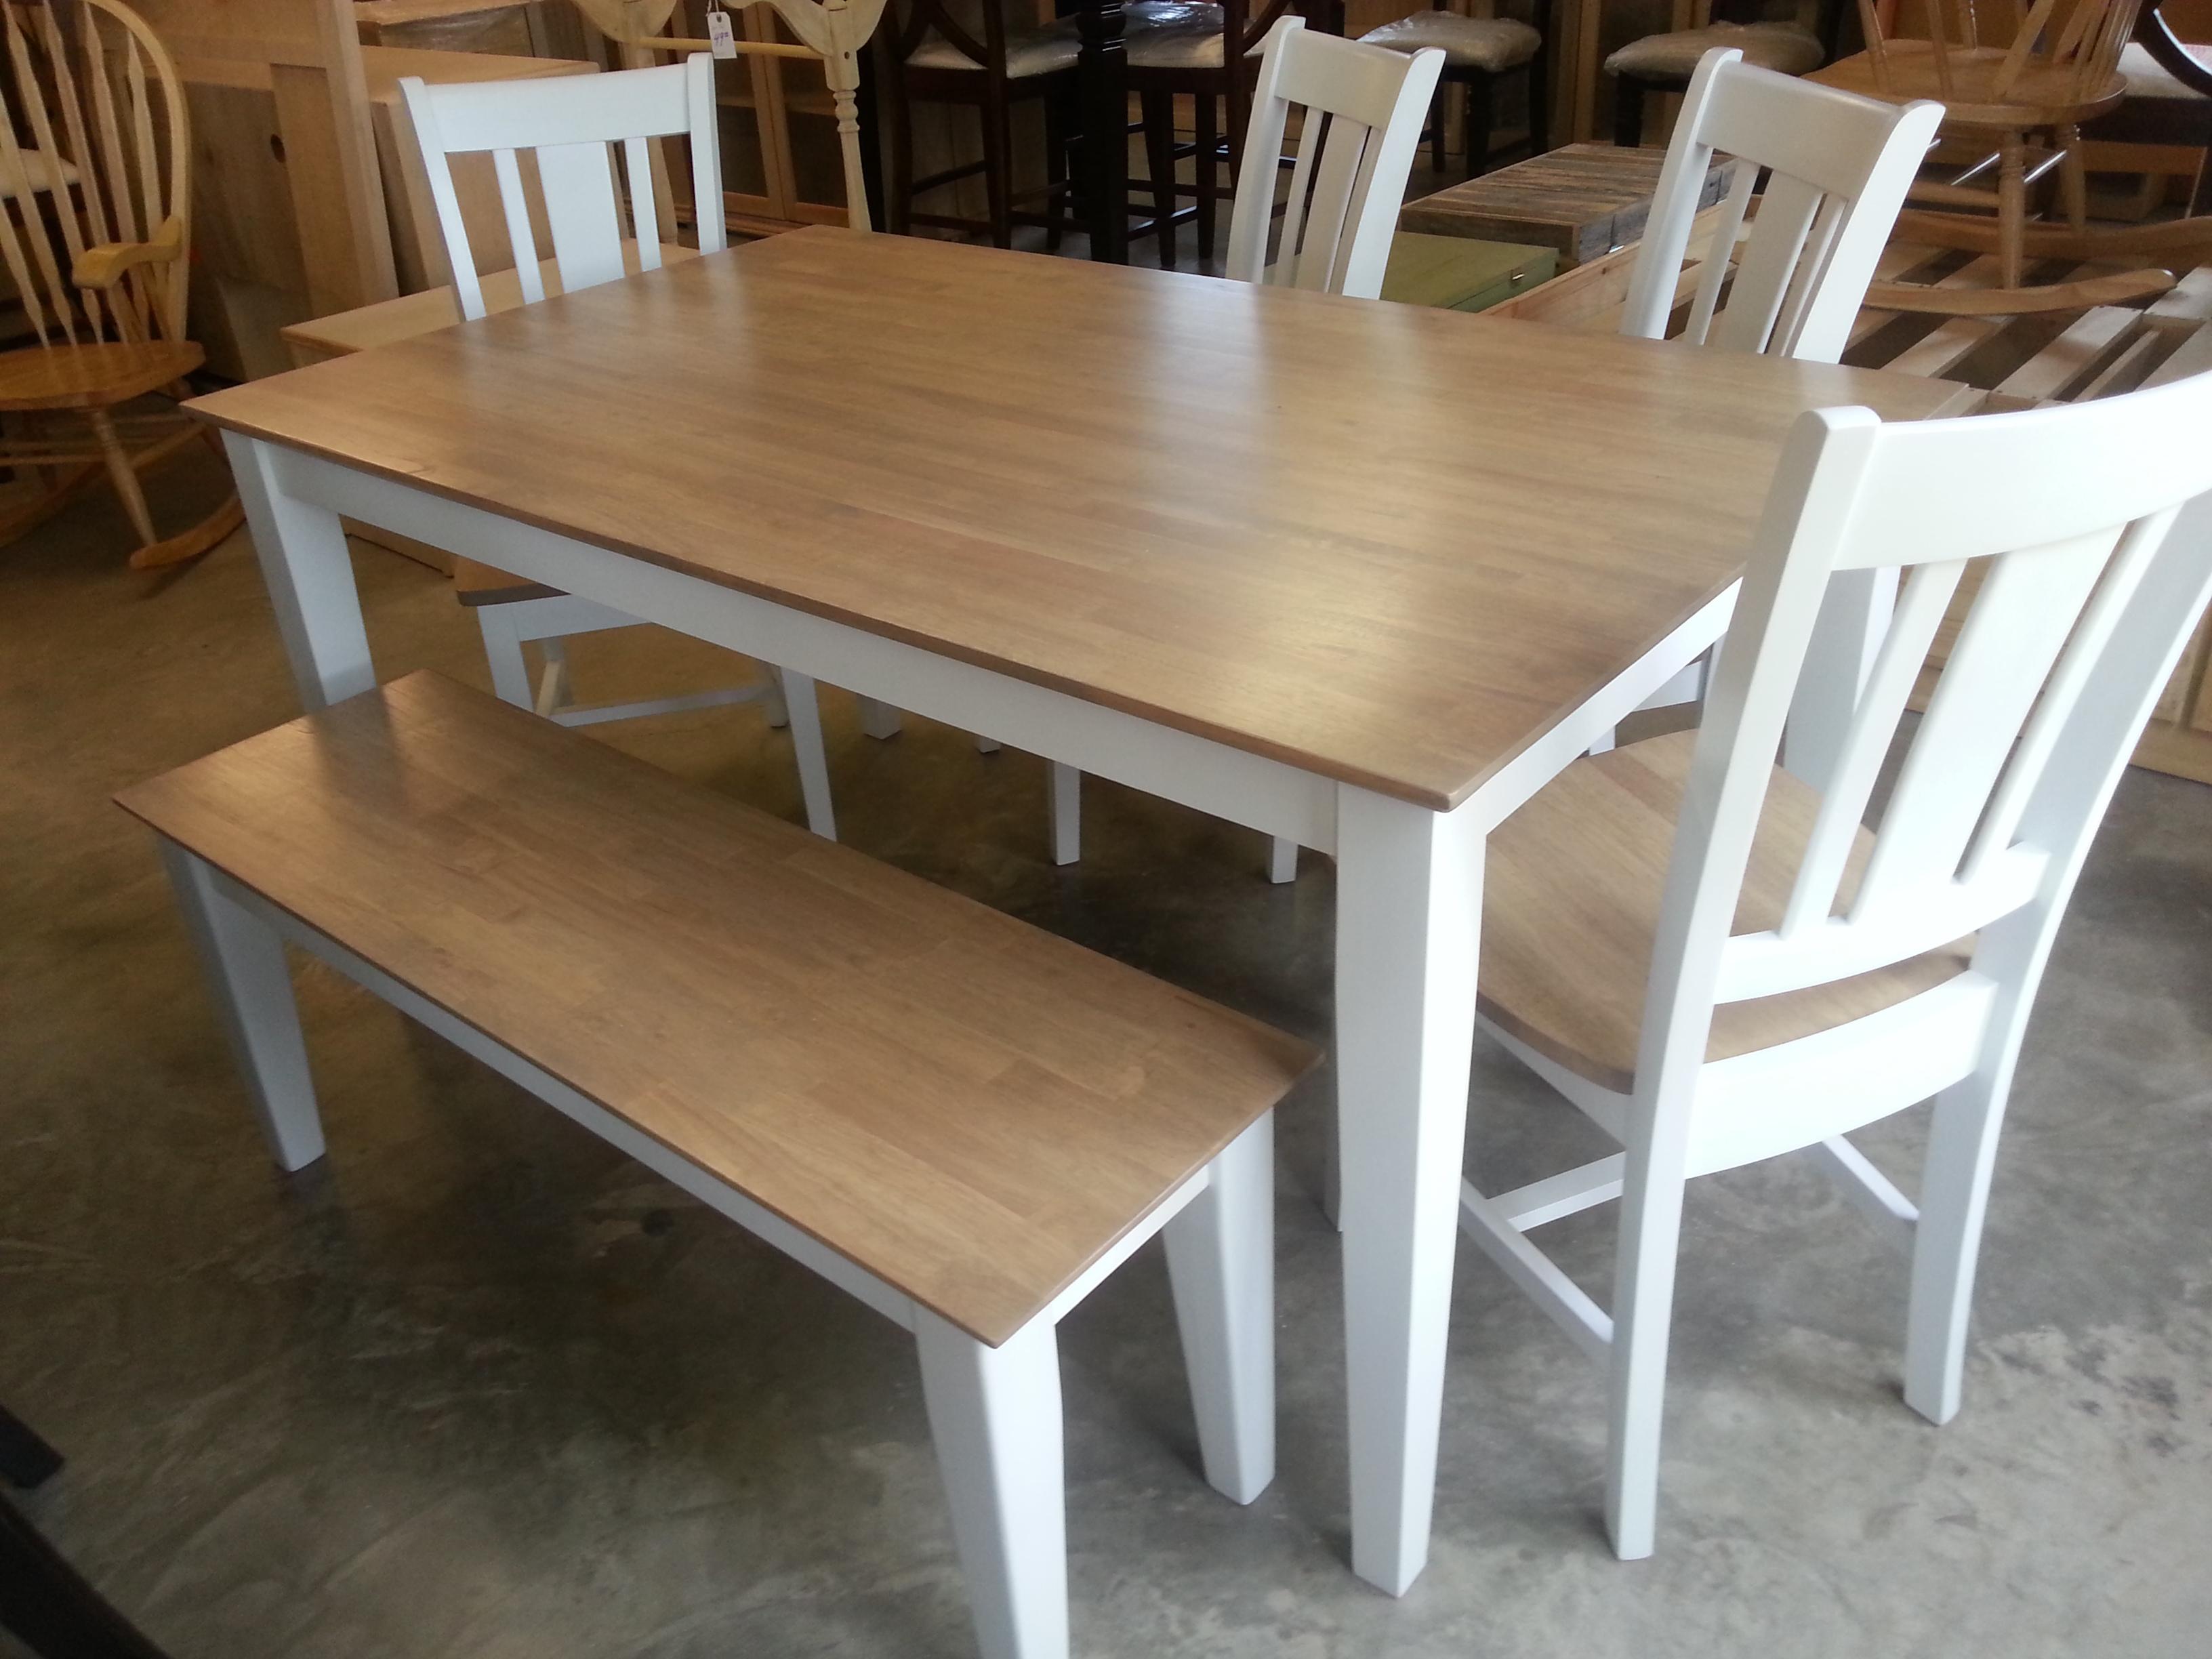 Richards Unfinished Furniture & Amish Furniture Outlet home